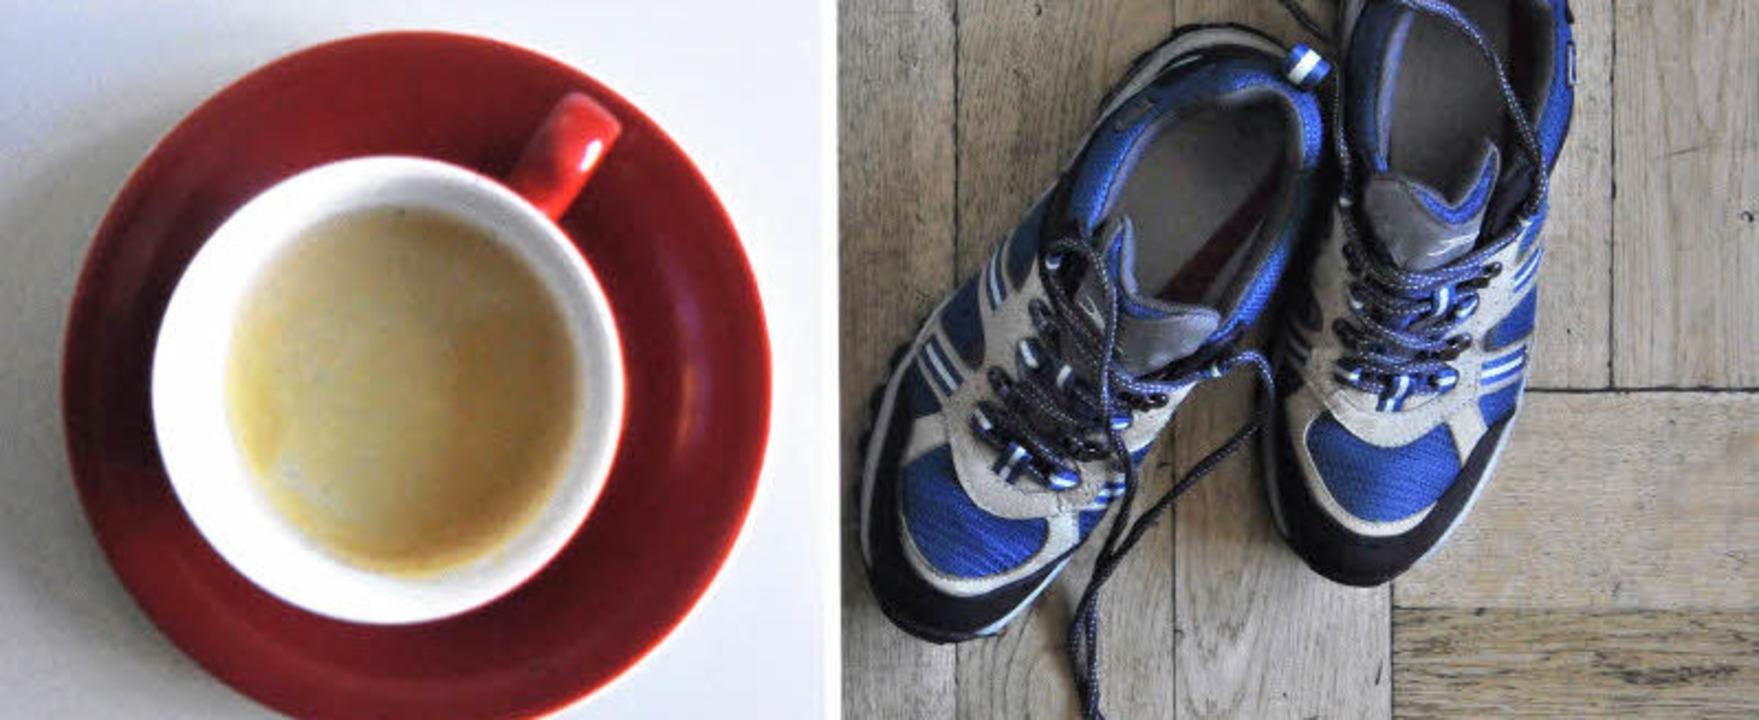 Die Laufschuhe neben der Kaffeetasse – so kann der Tag beginnen.  | Foto: Michael Bamberger